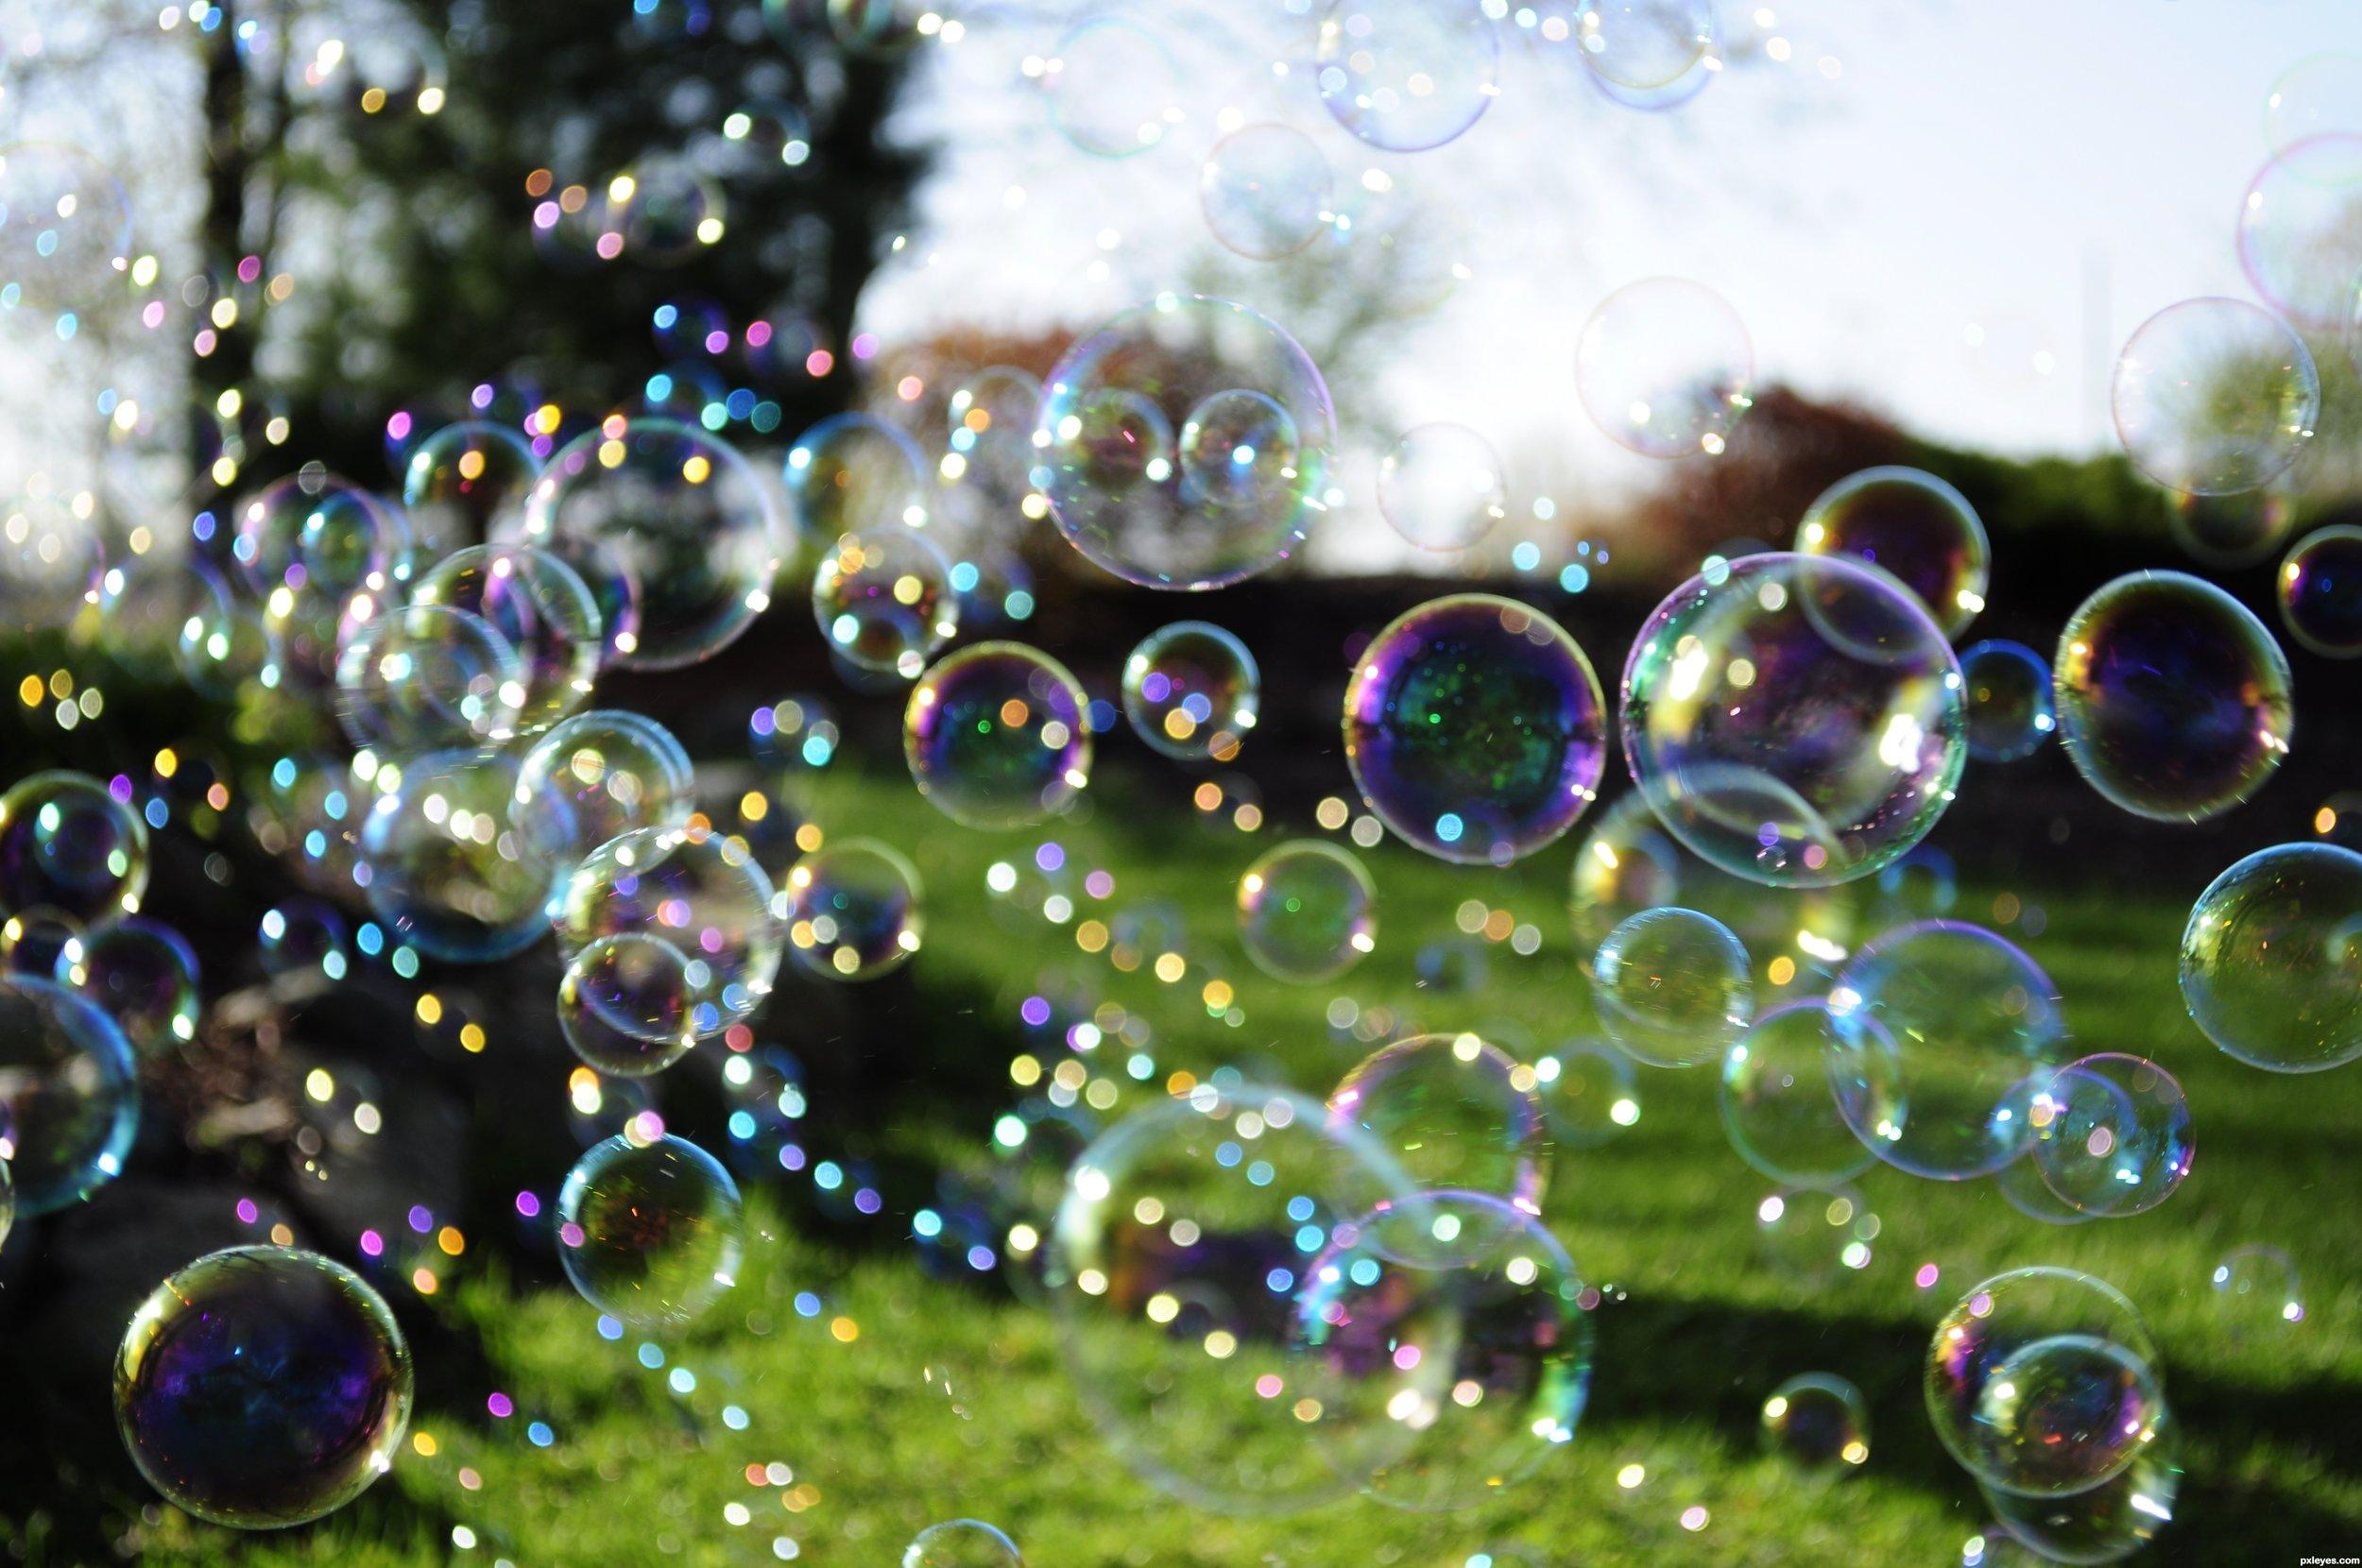 Bubbles-bubbles-40143299-4288-2848.jpg